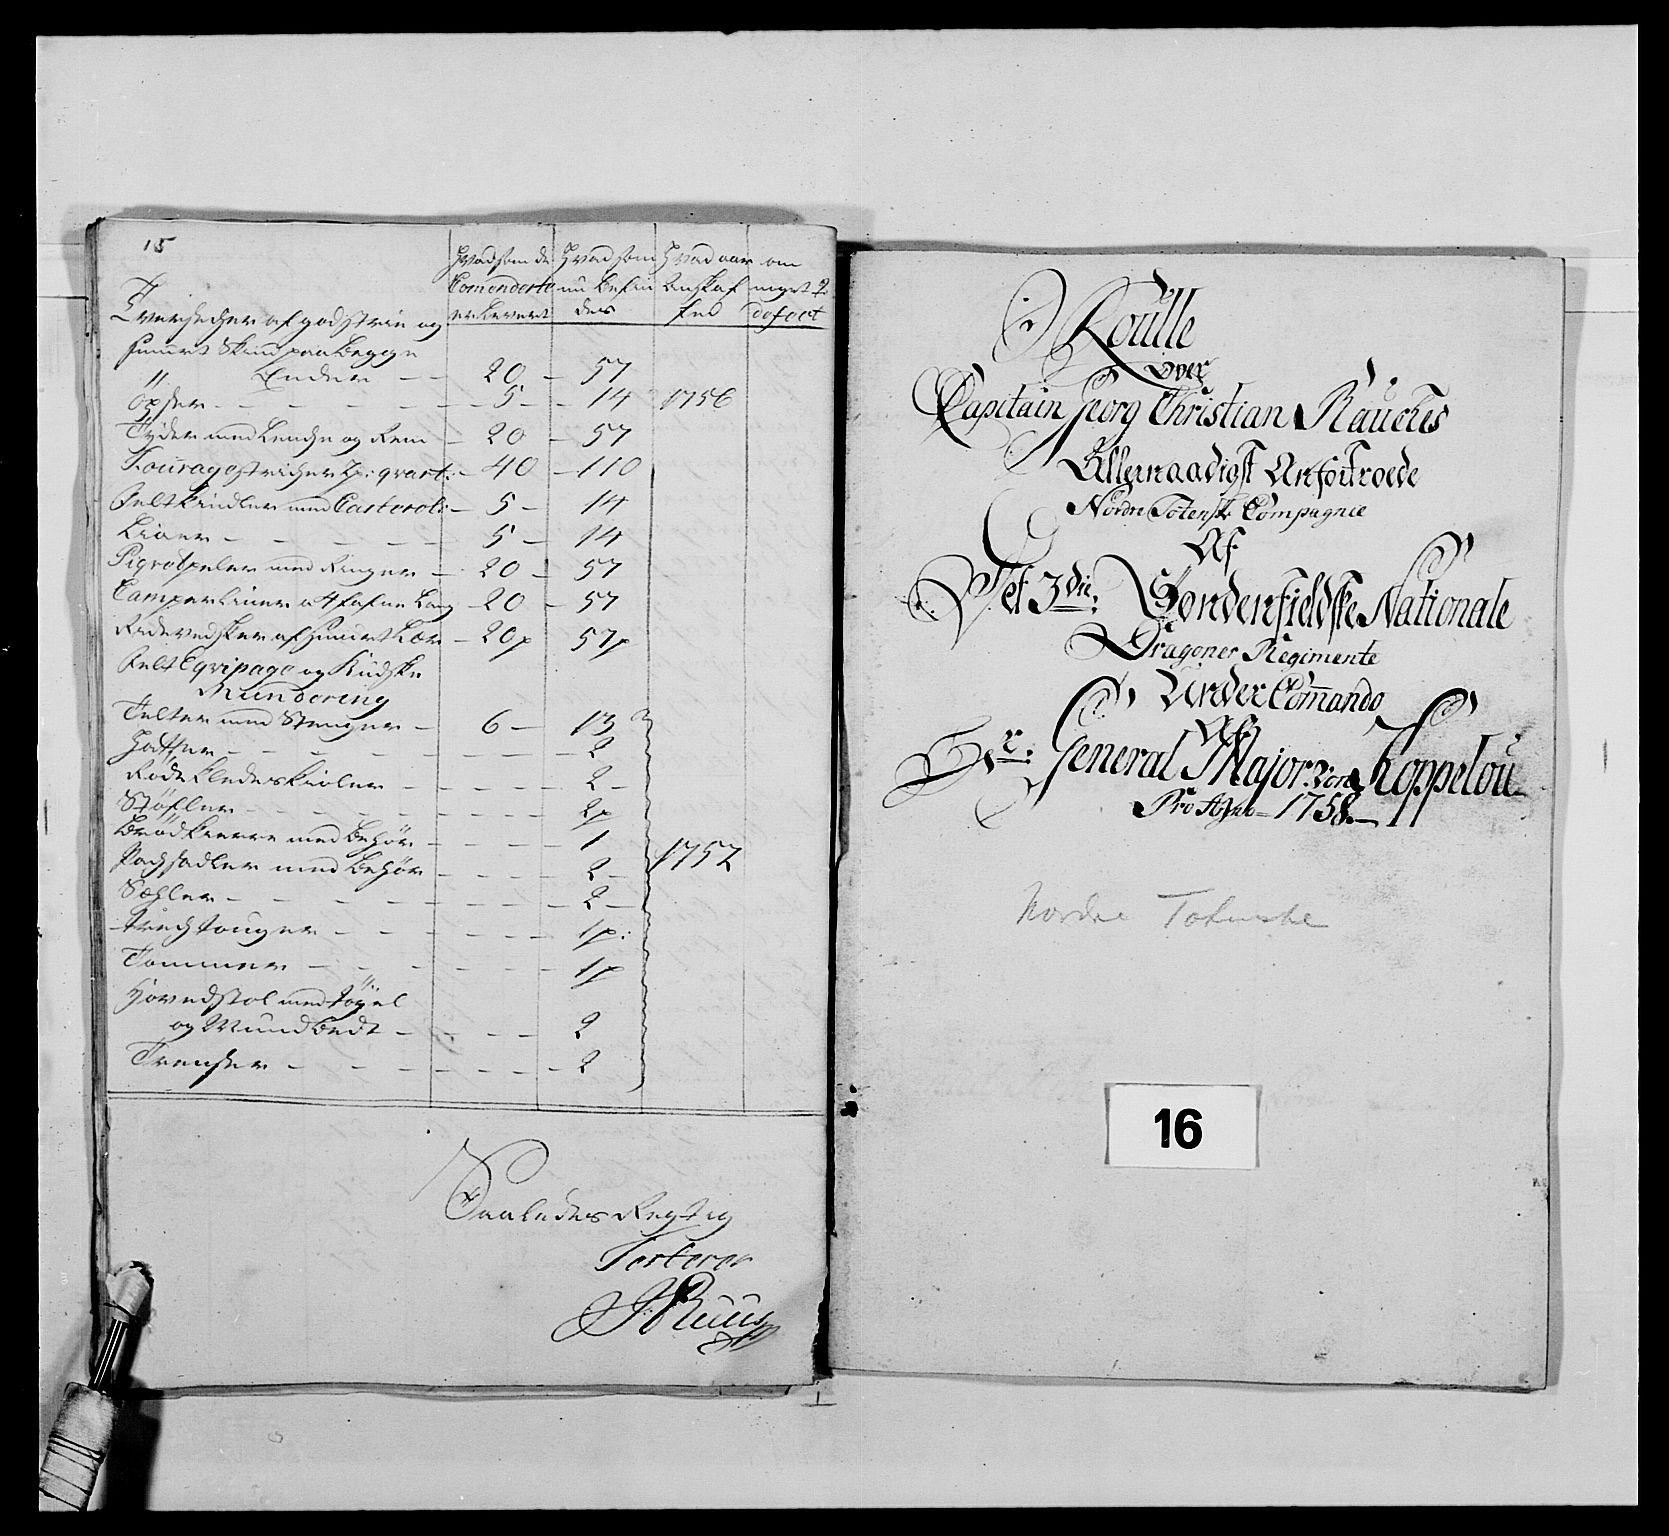 RA, Kommanderende general (KG I) med Det norske krigsdirektorium, E/Ea/L0479: 3. Sønnafjelske dragonregiment, 1756-1760, s. 302